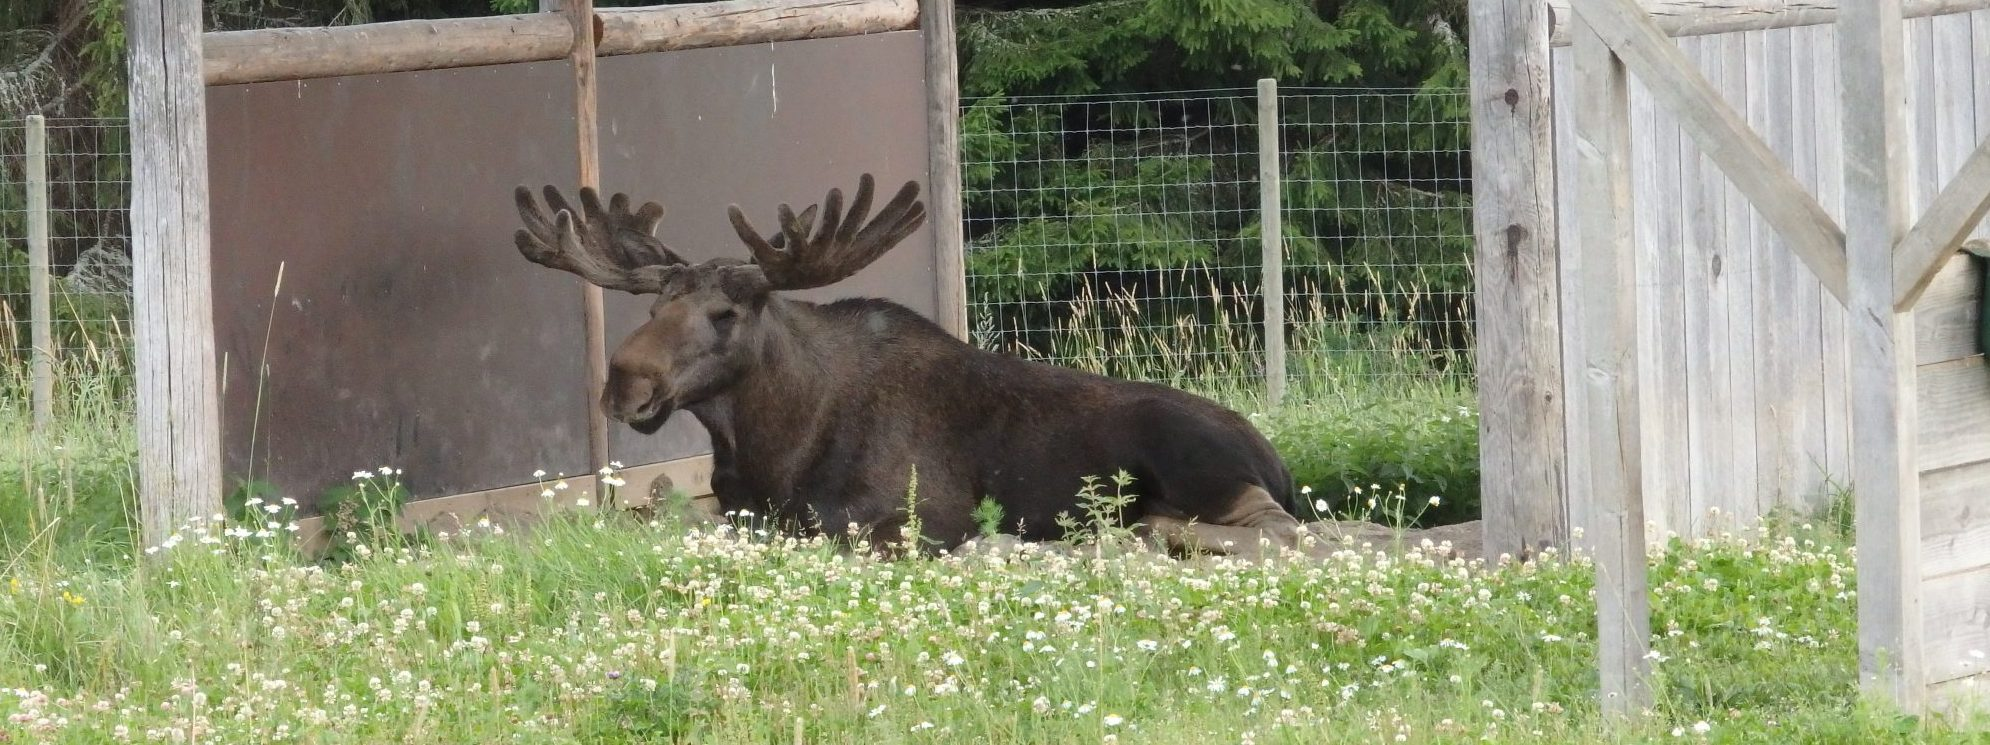 a resident moose at Öster Malma